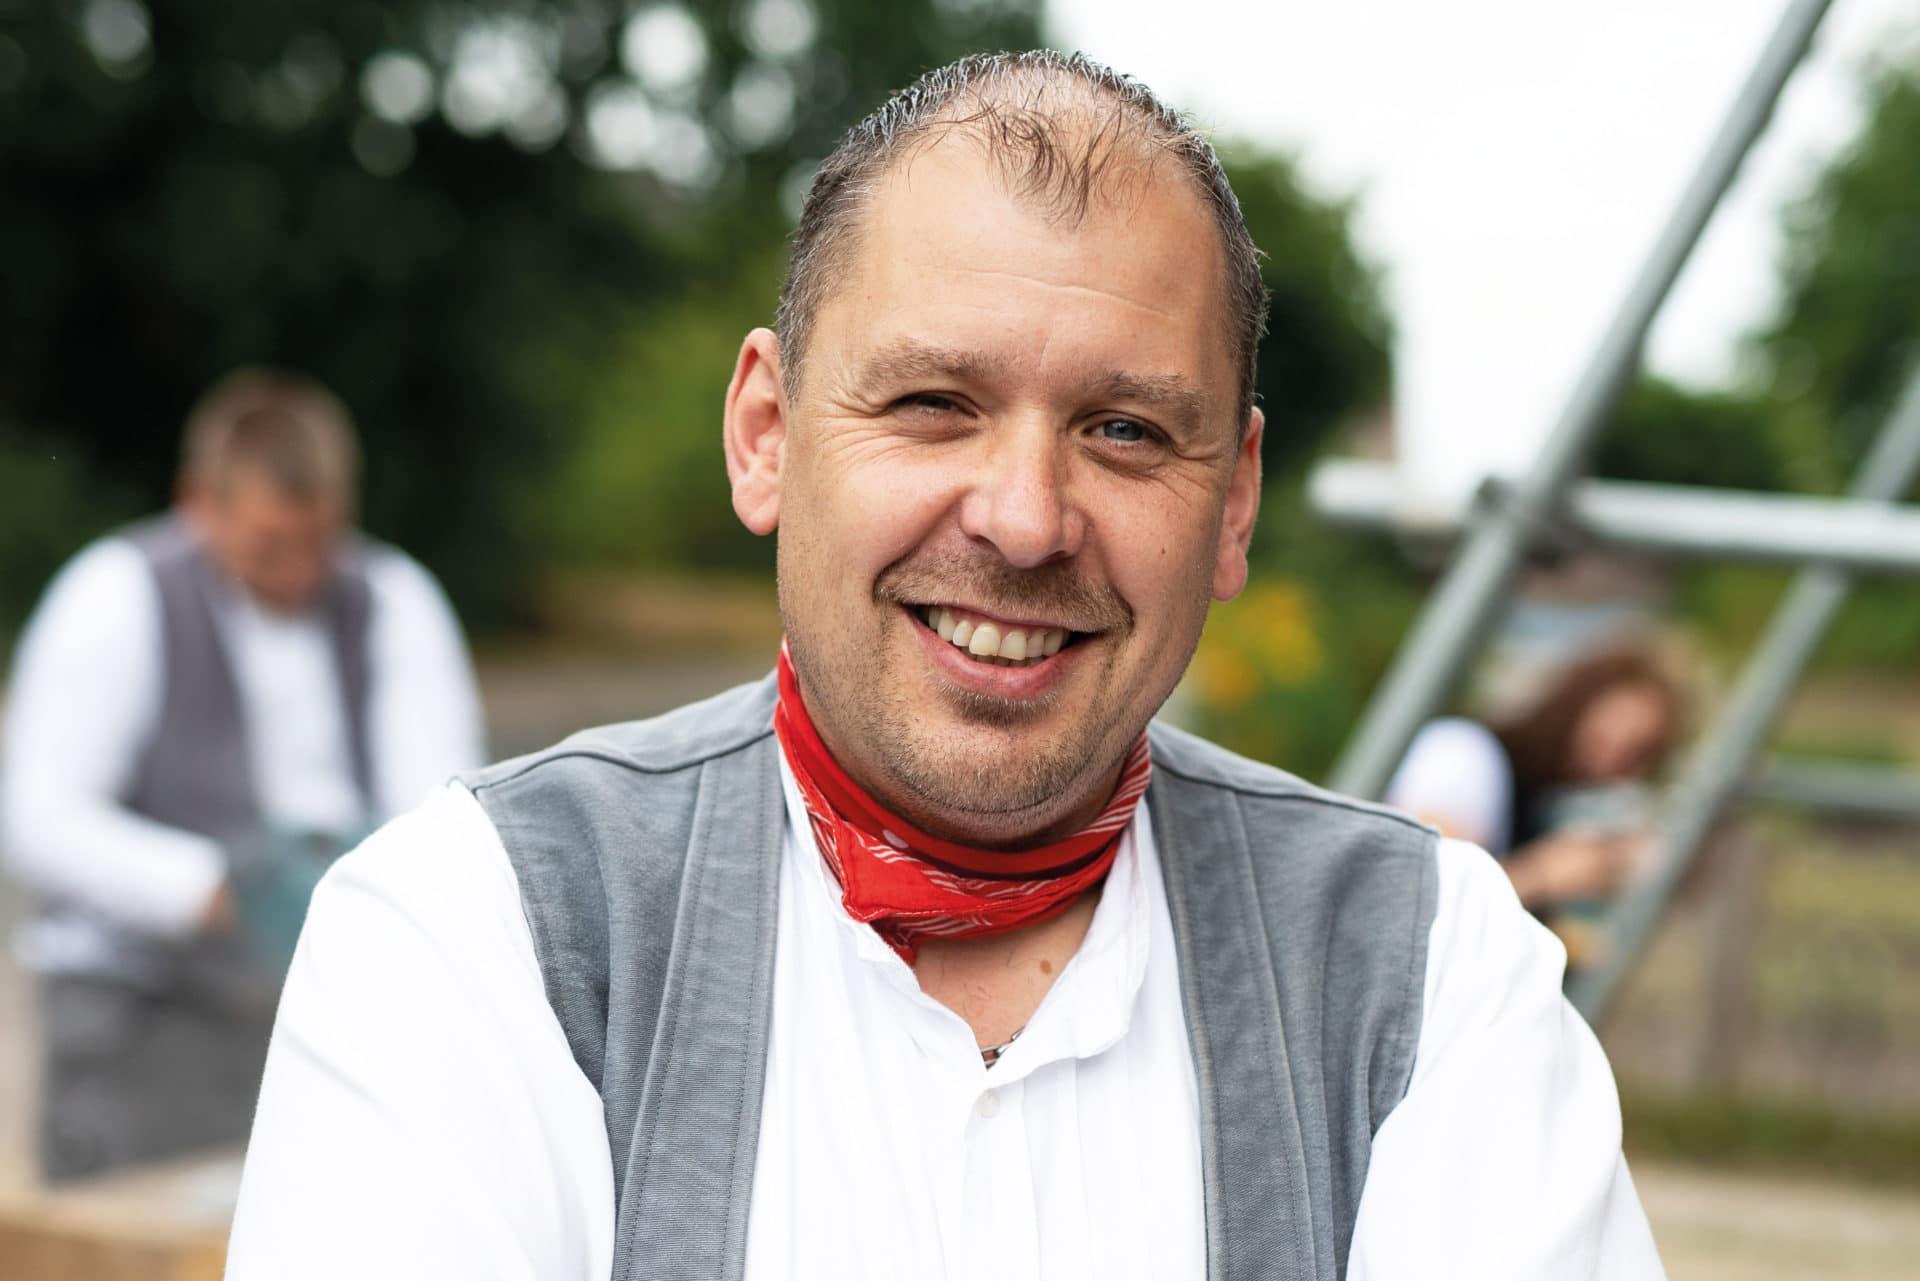 Björn Will, Kreishandwerksmeister der Kreishandwerkerschaft Heide